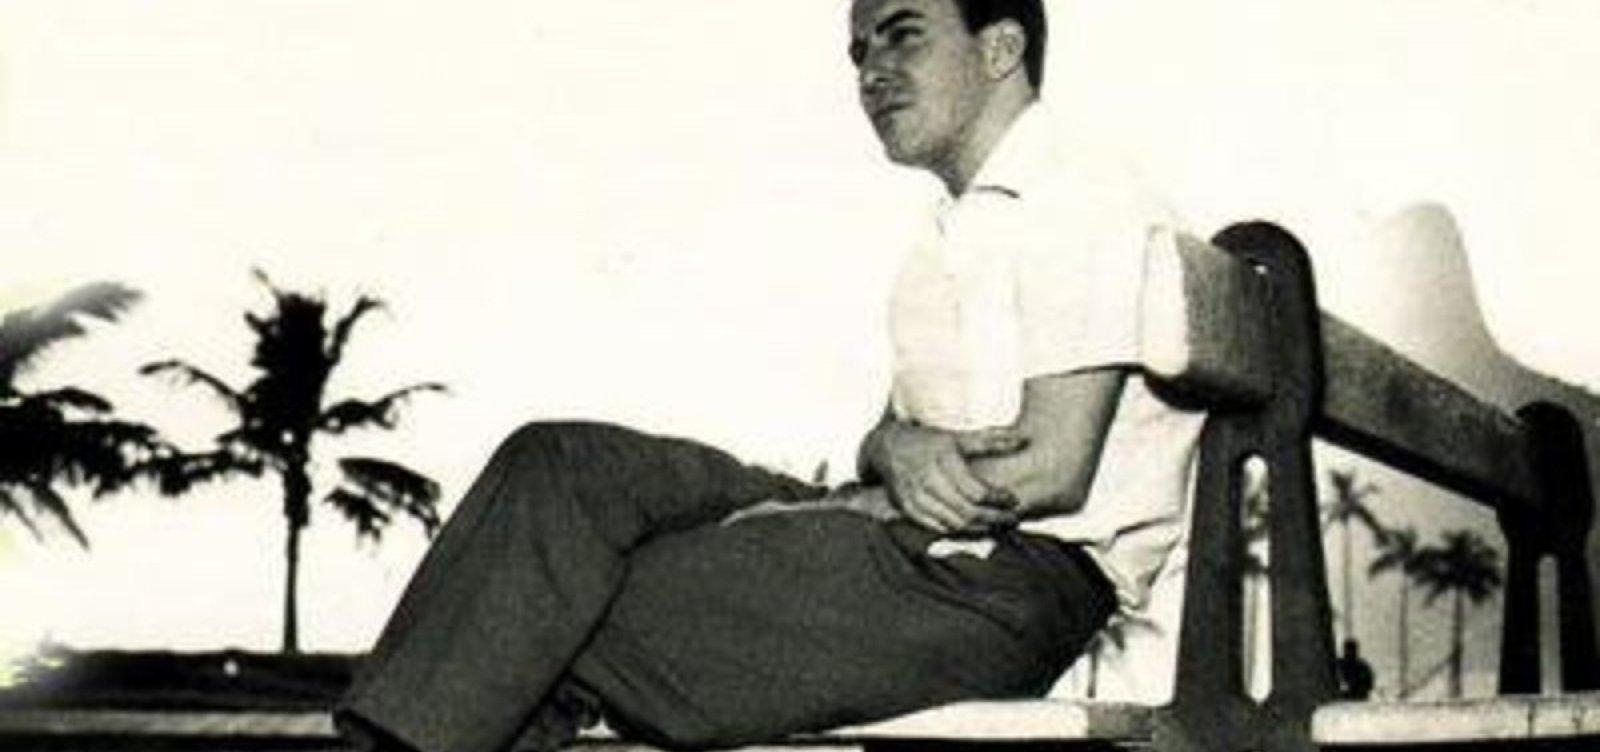 Biografia de João Gilberto escrita por Galvão está em pré-venda no Kindle